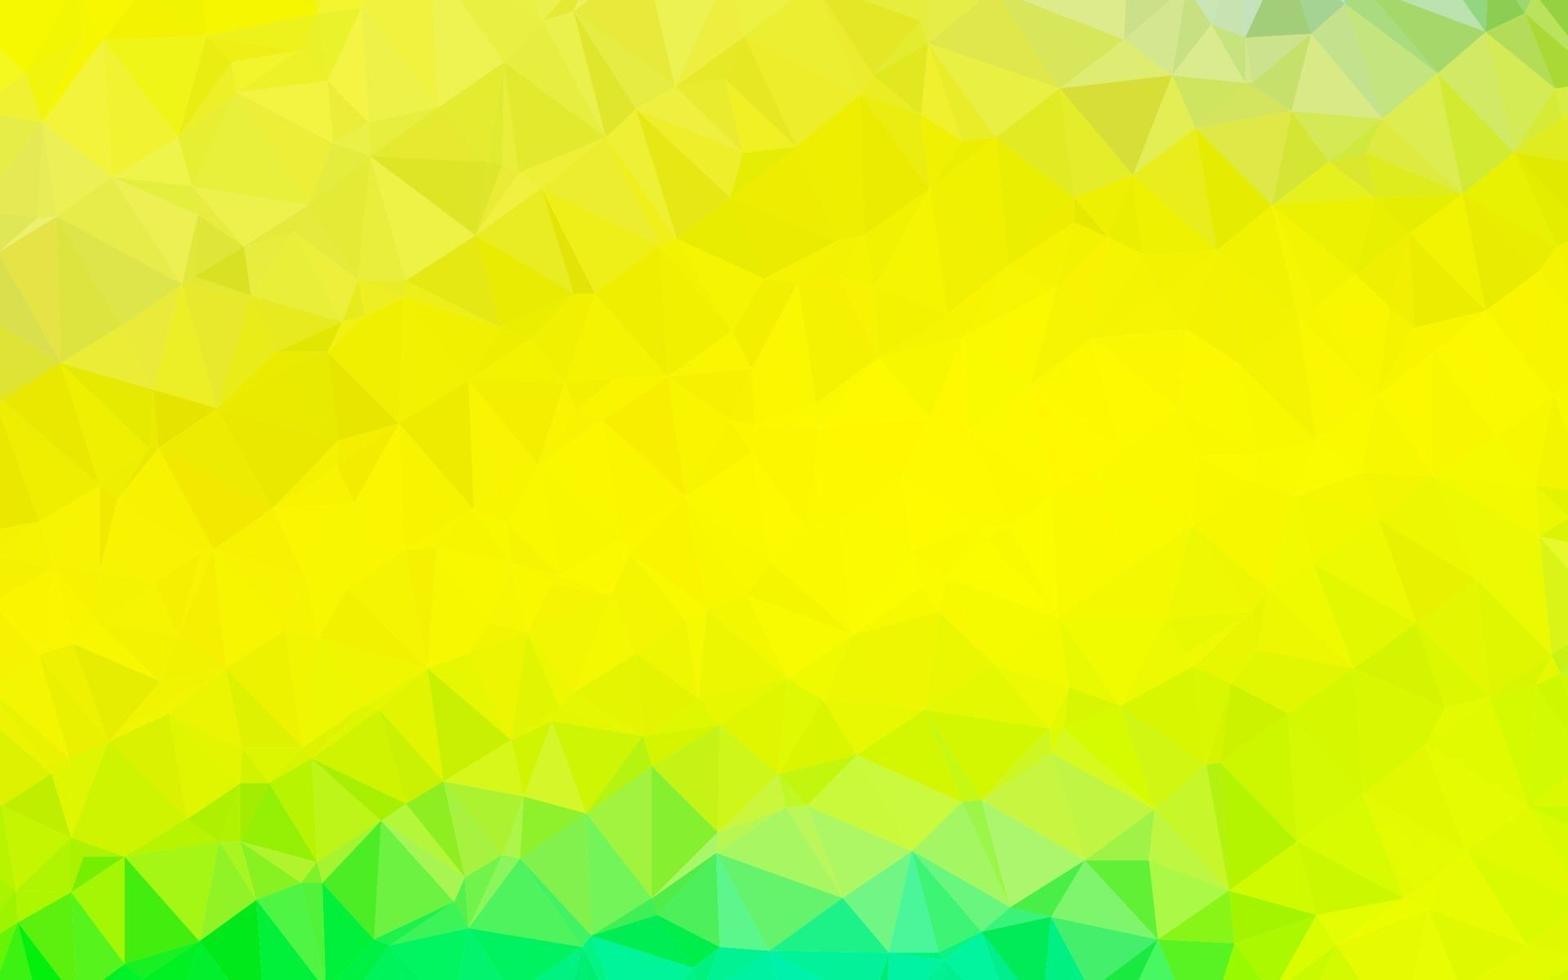 luz verde, vetor amarelo brilhante fundo triangular.